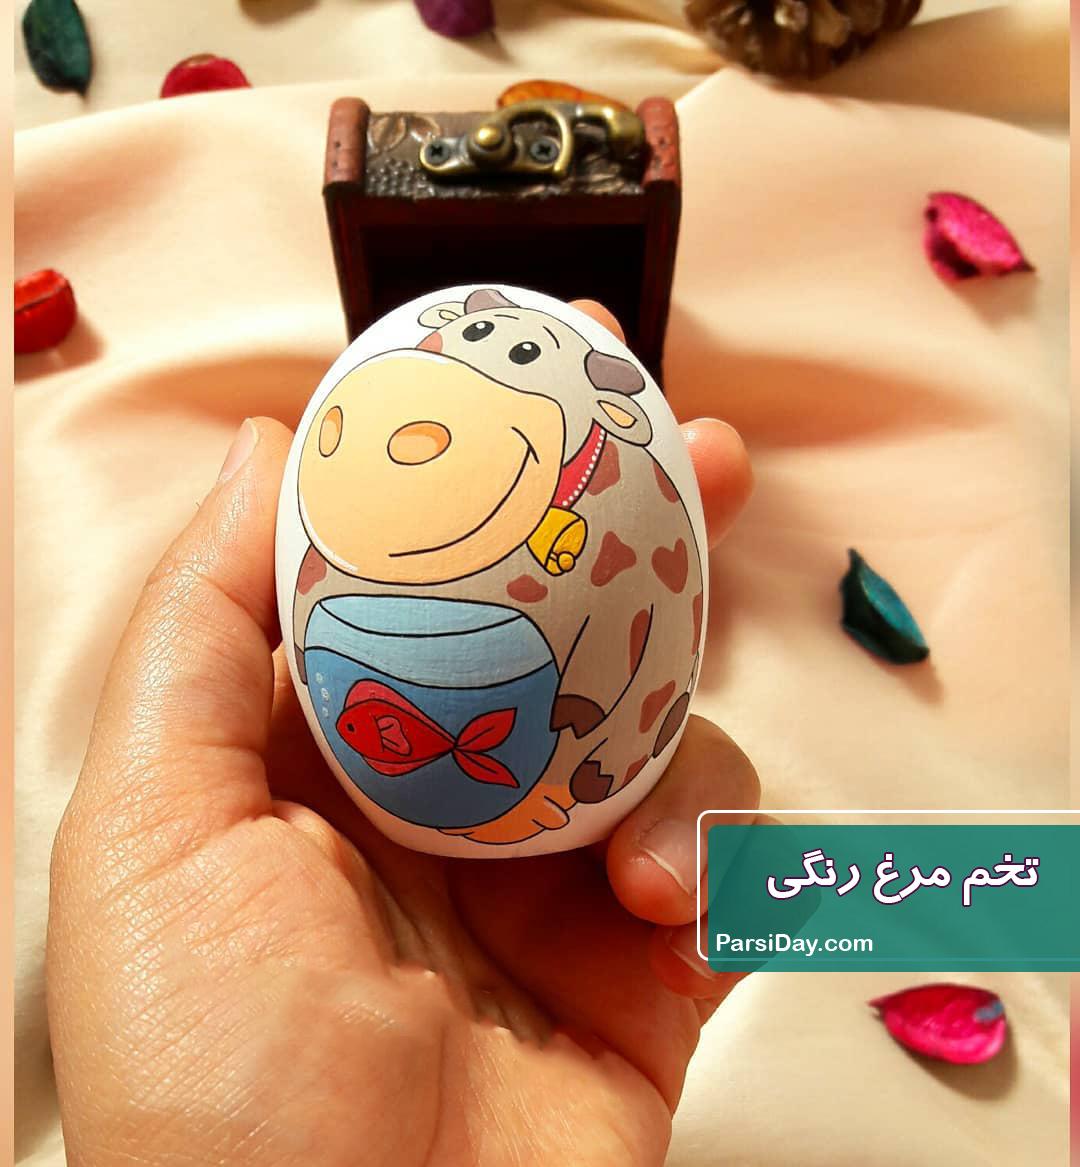 تخم مرغ رنگی به شکل گاو